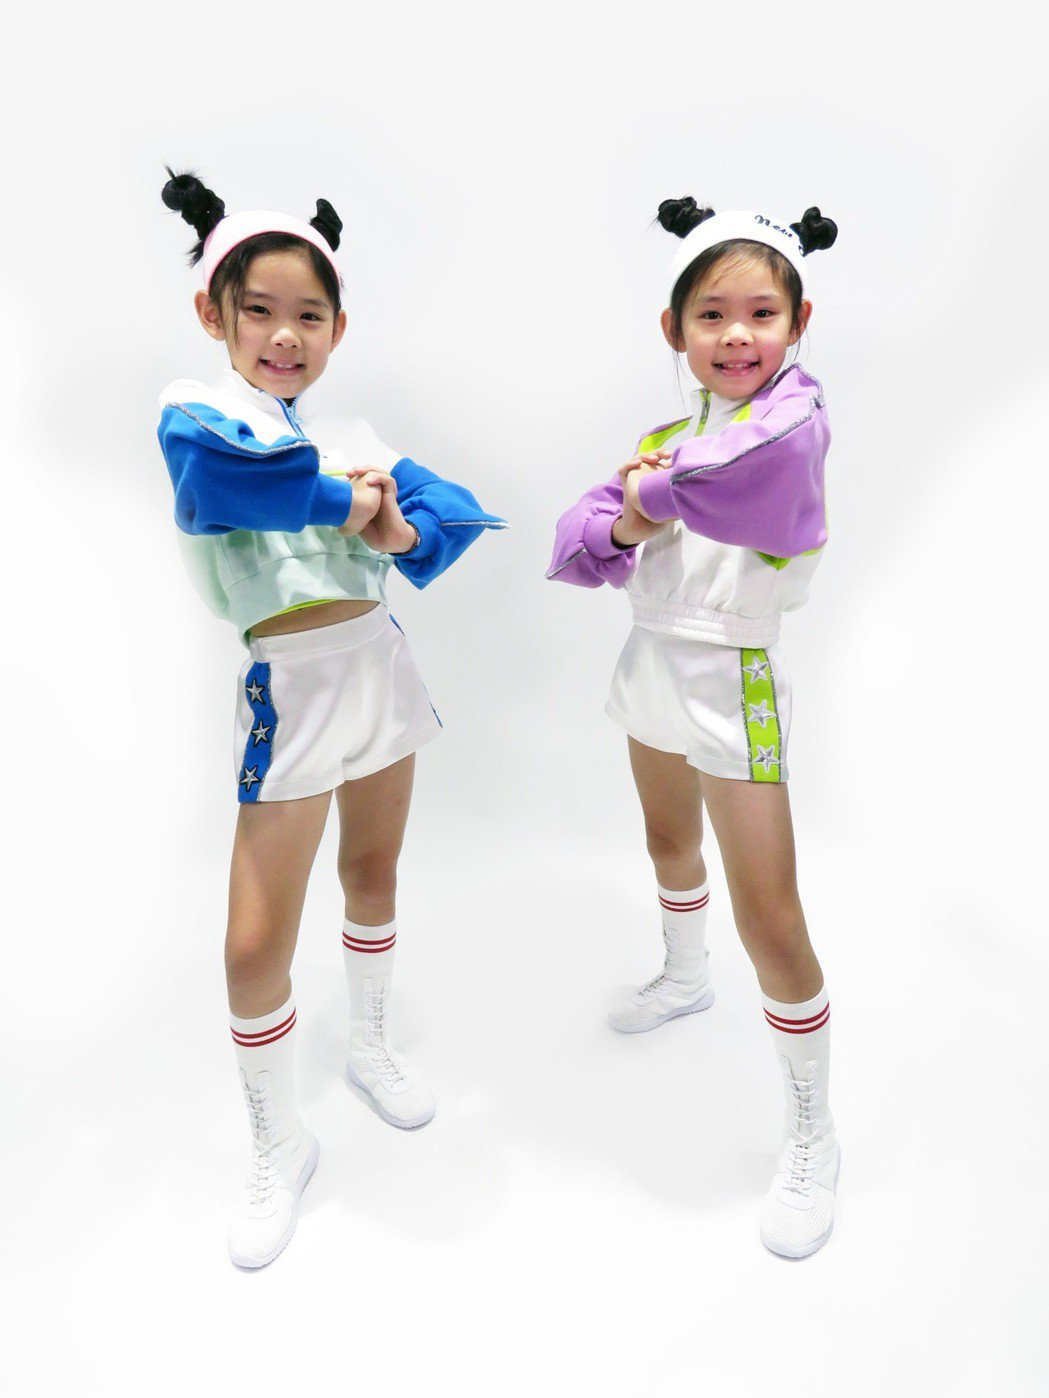 左左右右新造型走可愛、性感兼具的韓系少女風。圖/新視麗提供